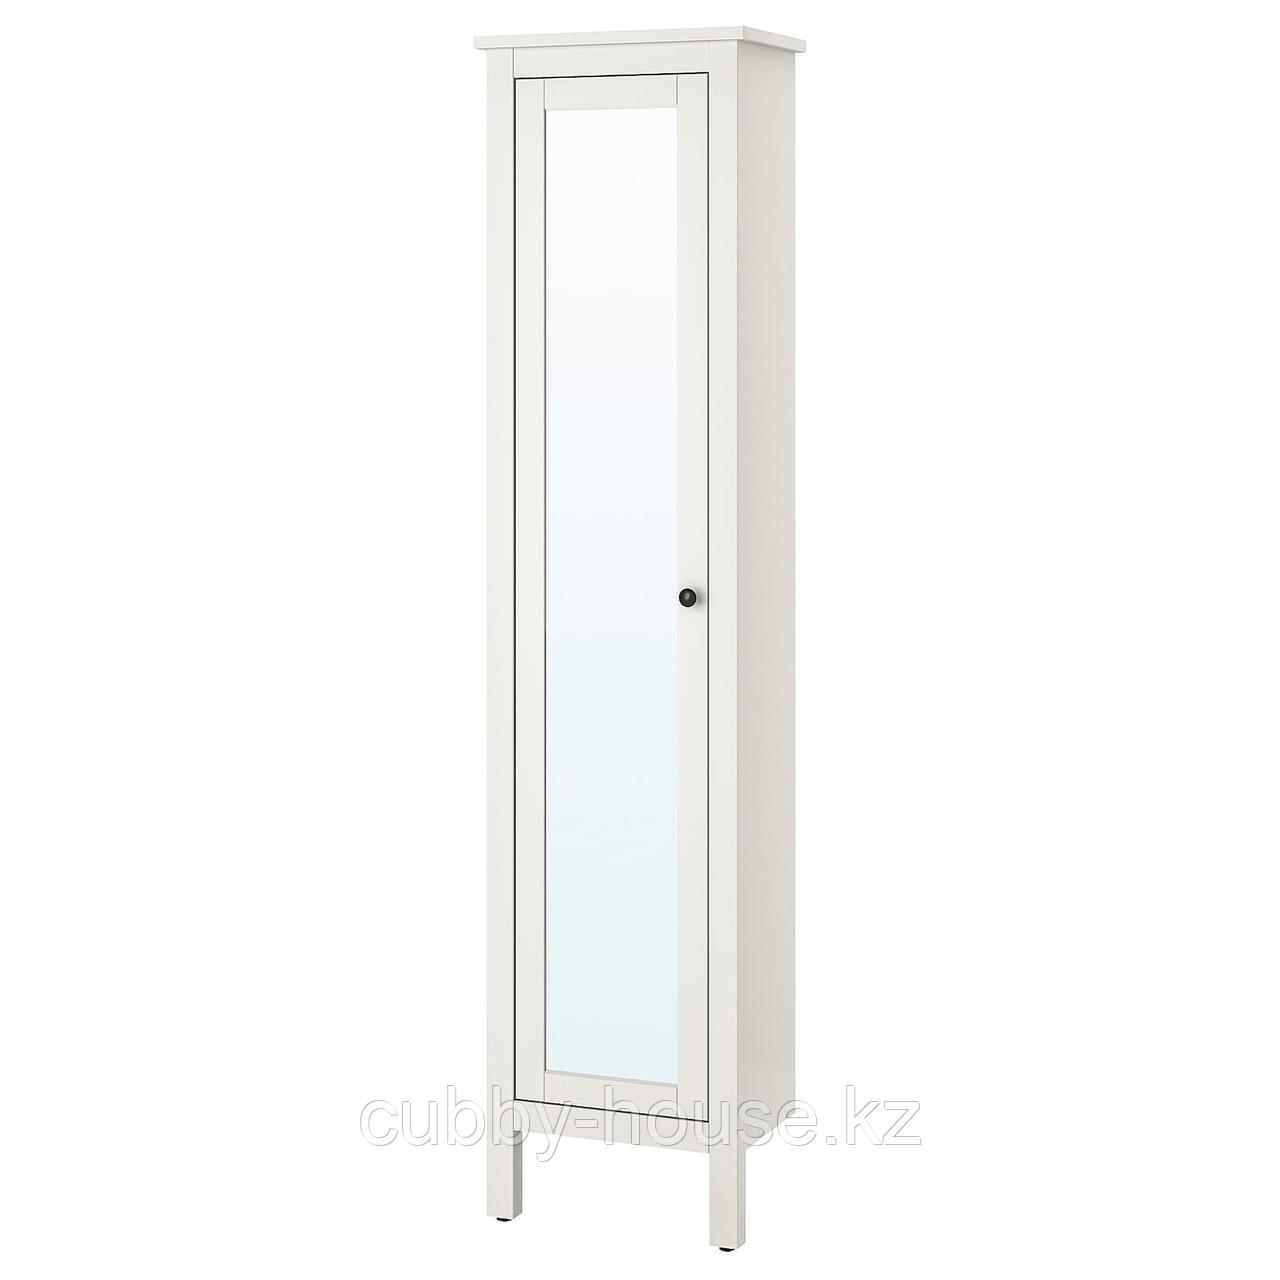 ХЕМНЭС Высокий шкаф с зеркальной дверцей, белый, 49x31x200 см